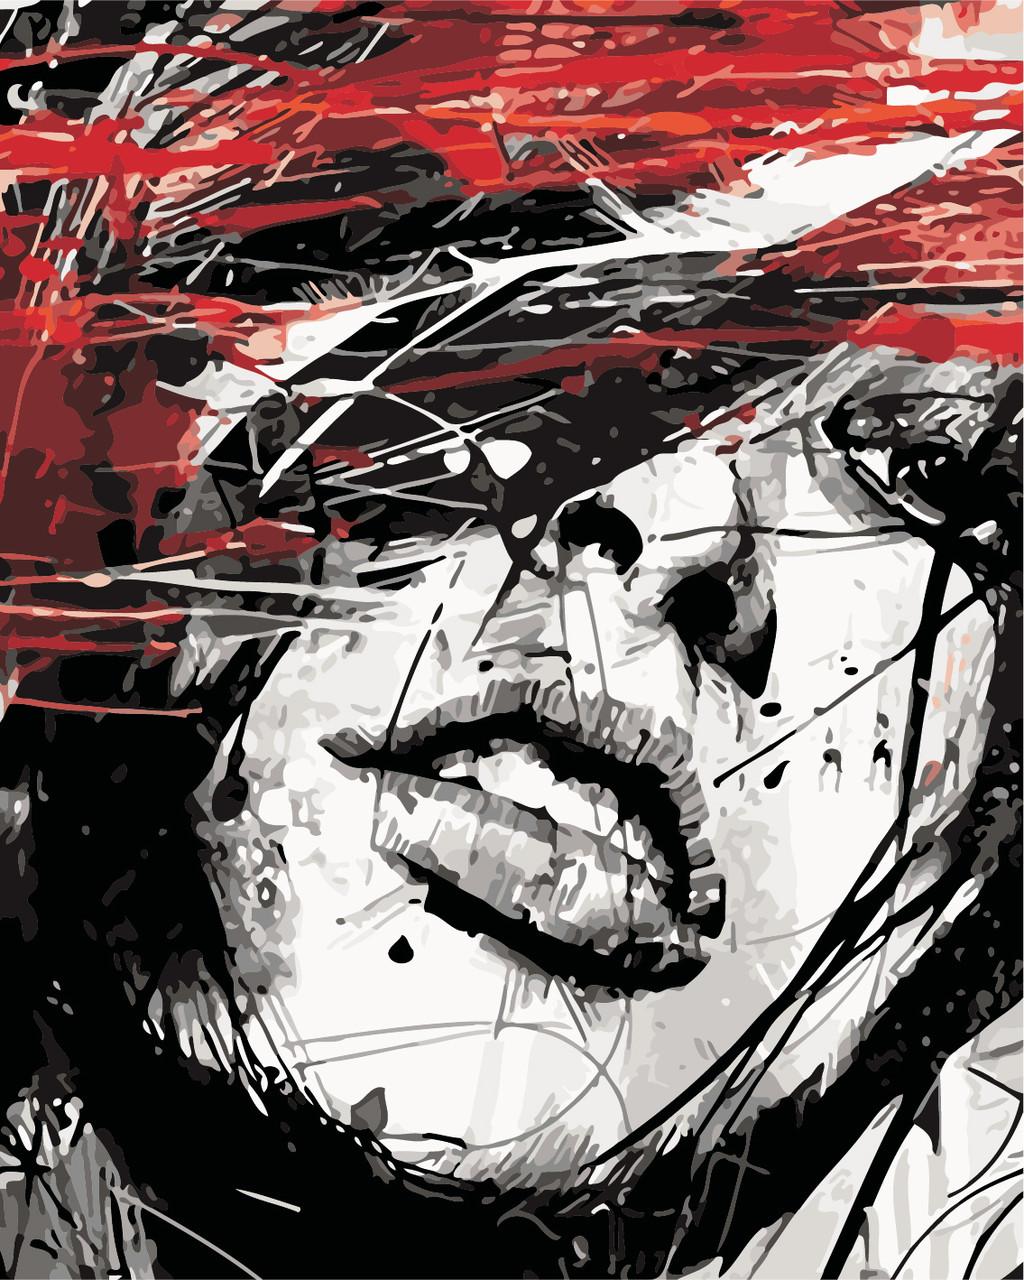 Картина по номерам Страстный взгляд, 40x50 см Art Story